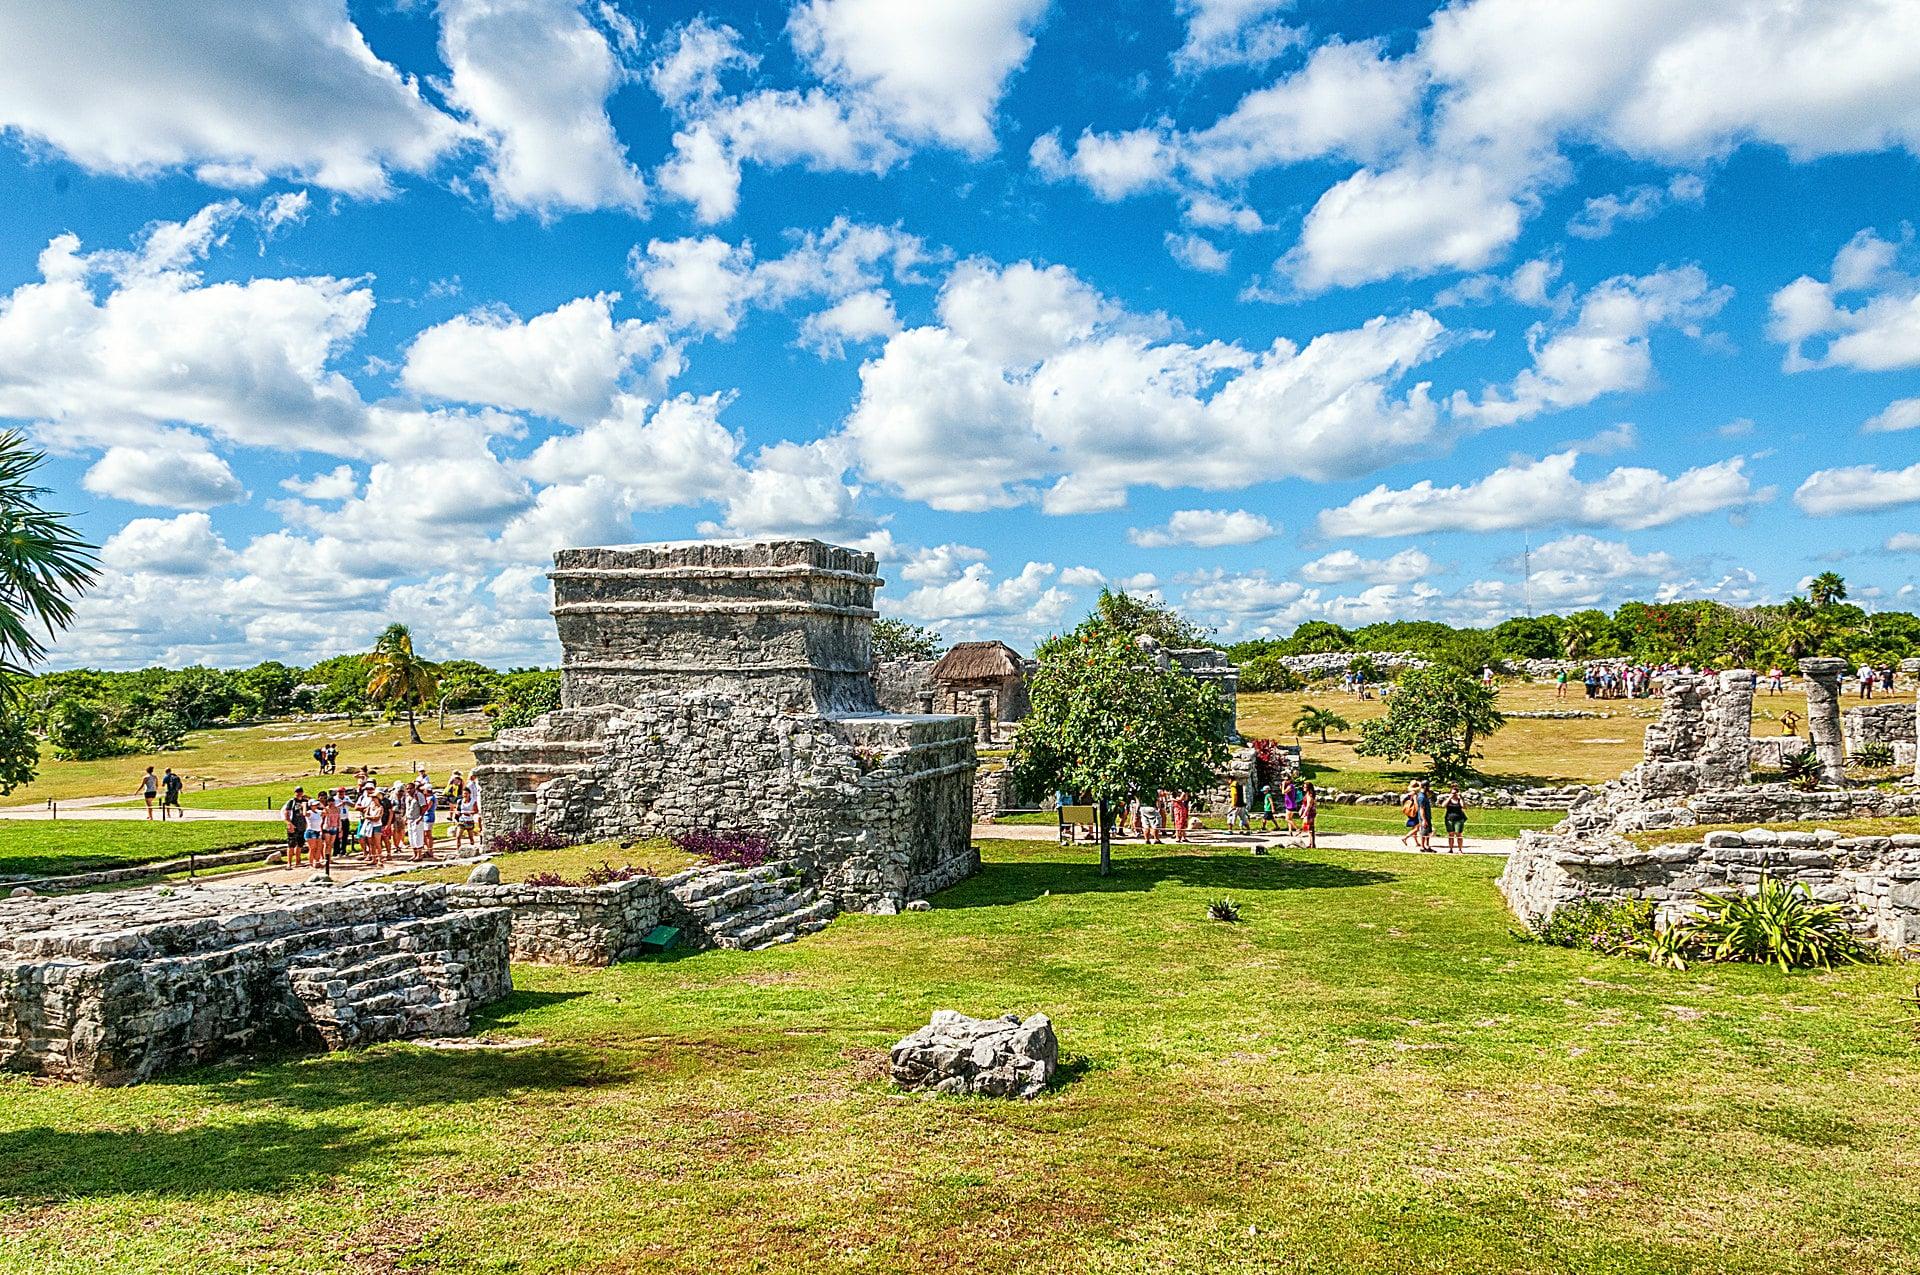 Die archäologische Stätte Tulum